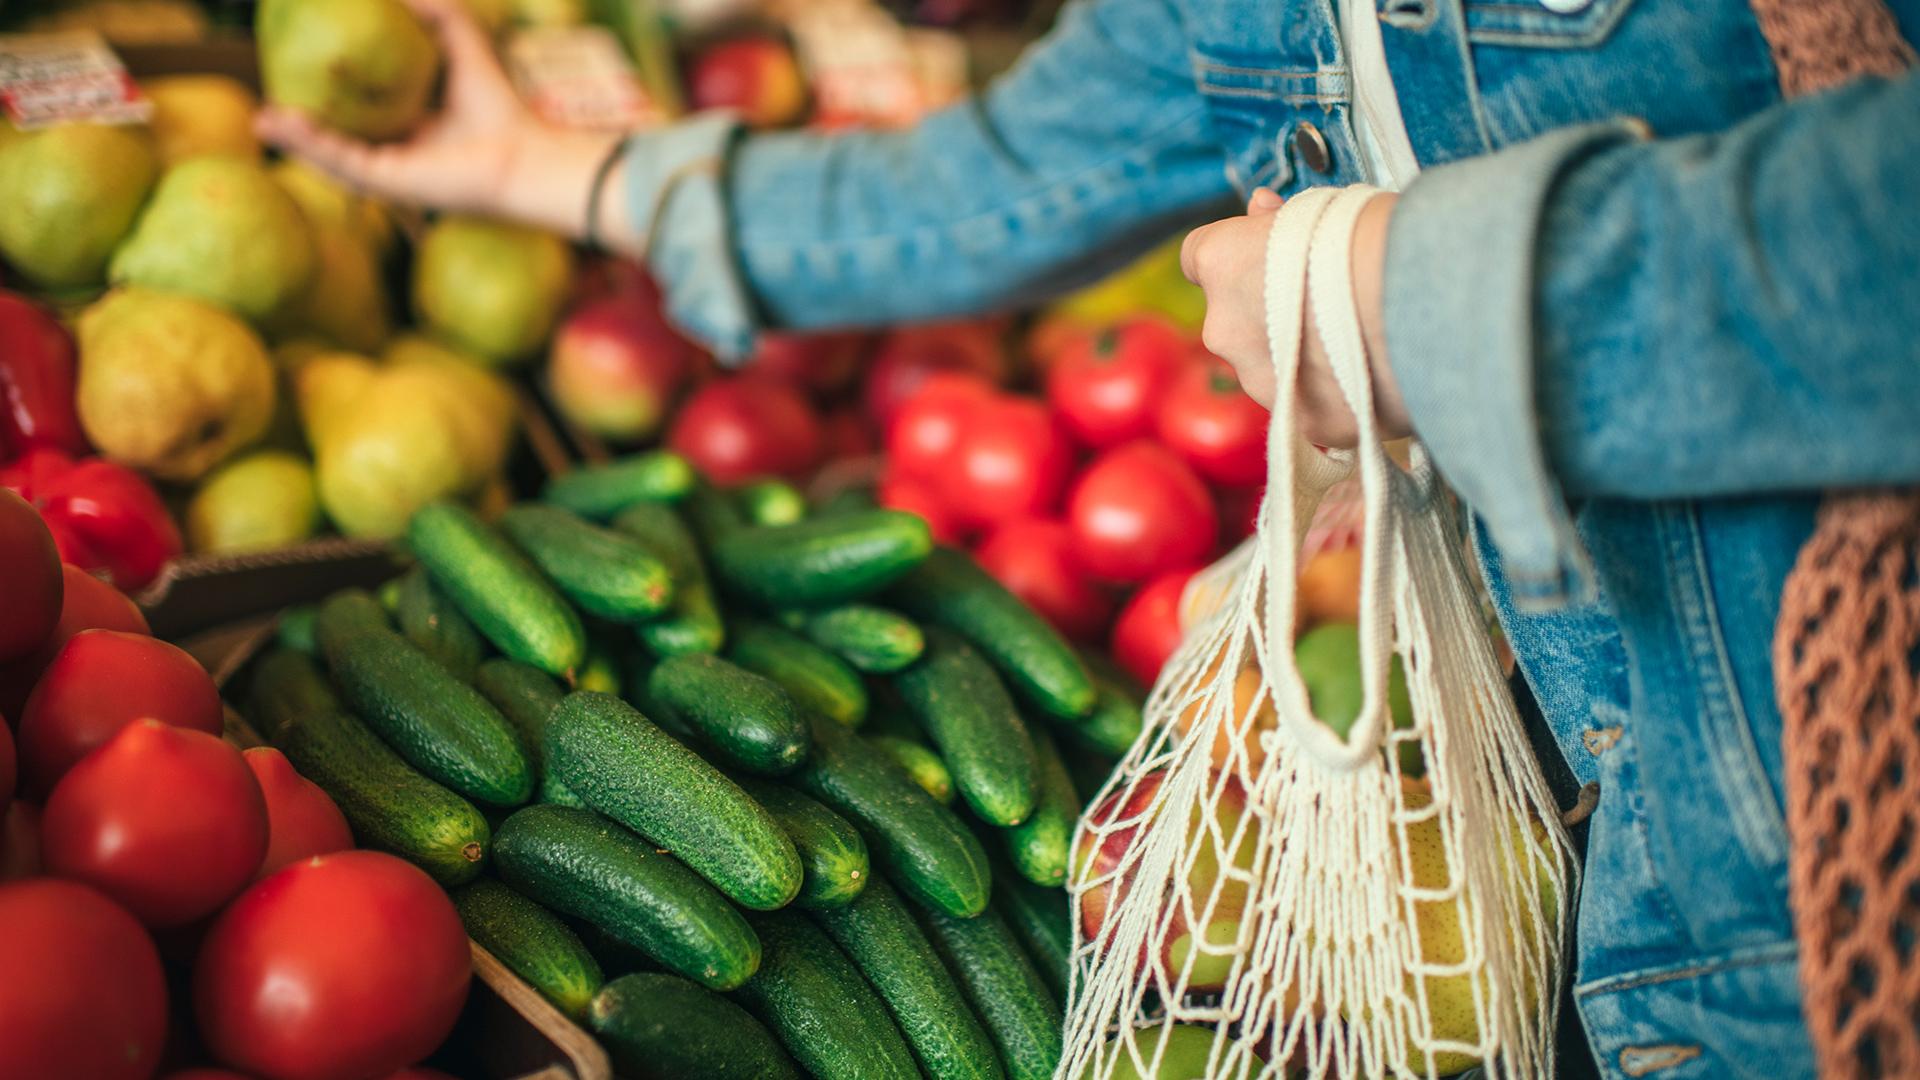 Eine Frau packt im Supermarkt Gemüse in ihr Einkaufnetz.